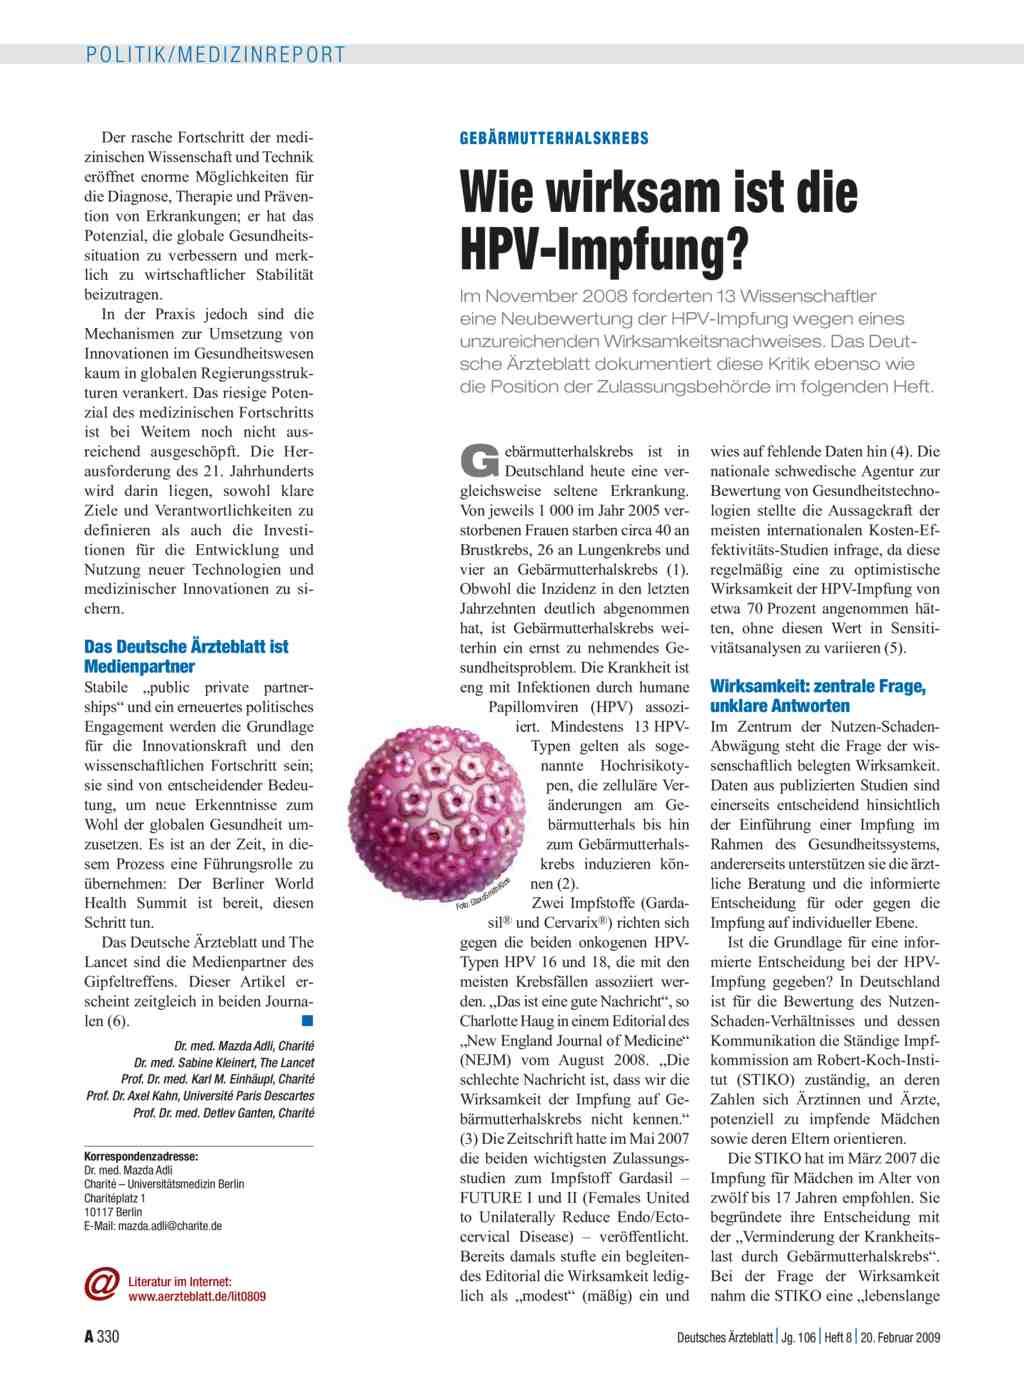 hpv impfung dosierung)